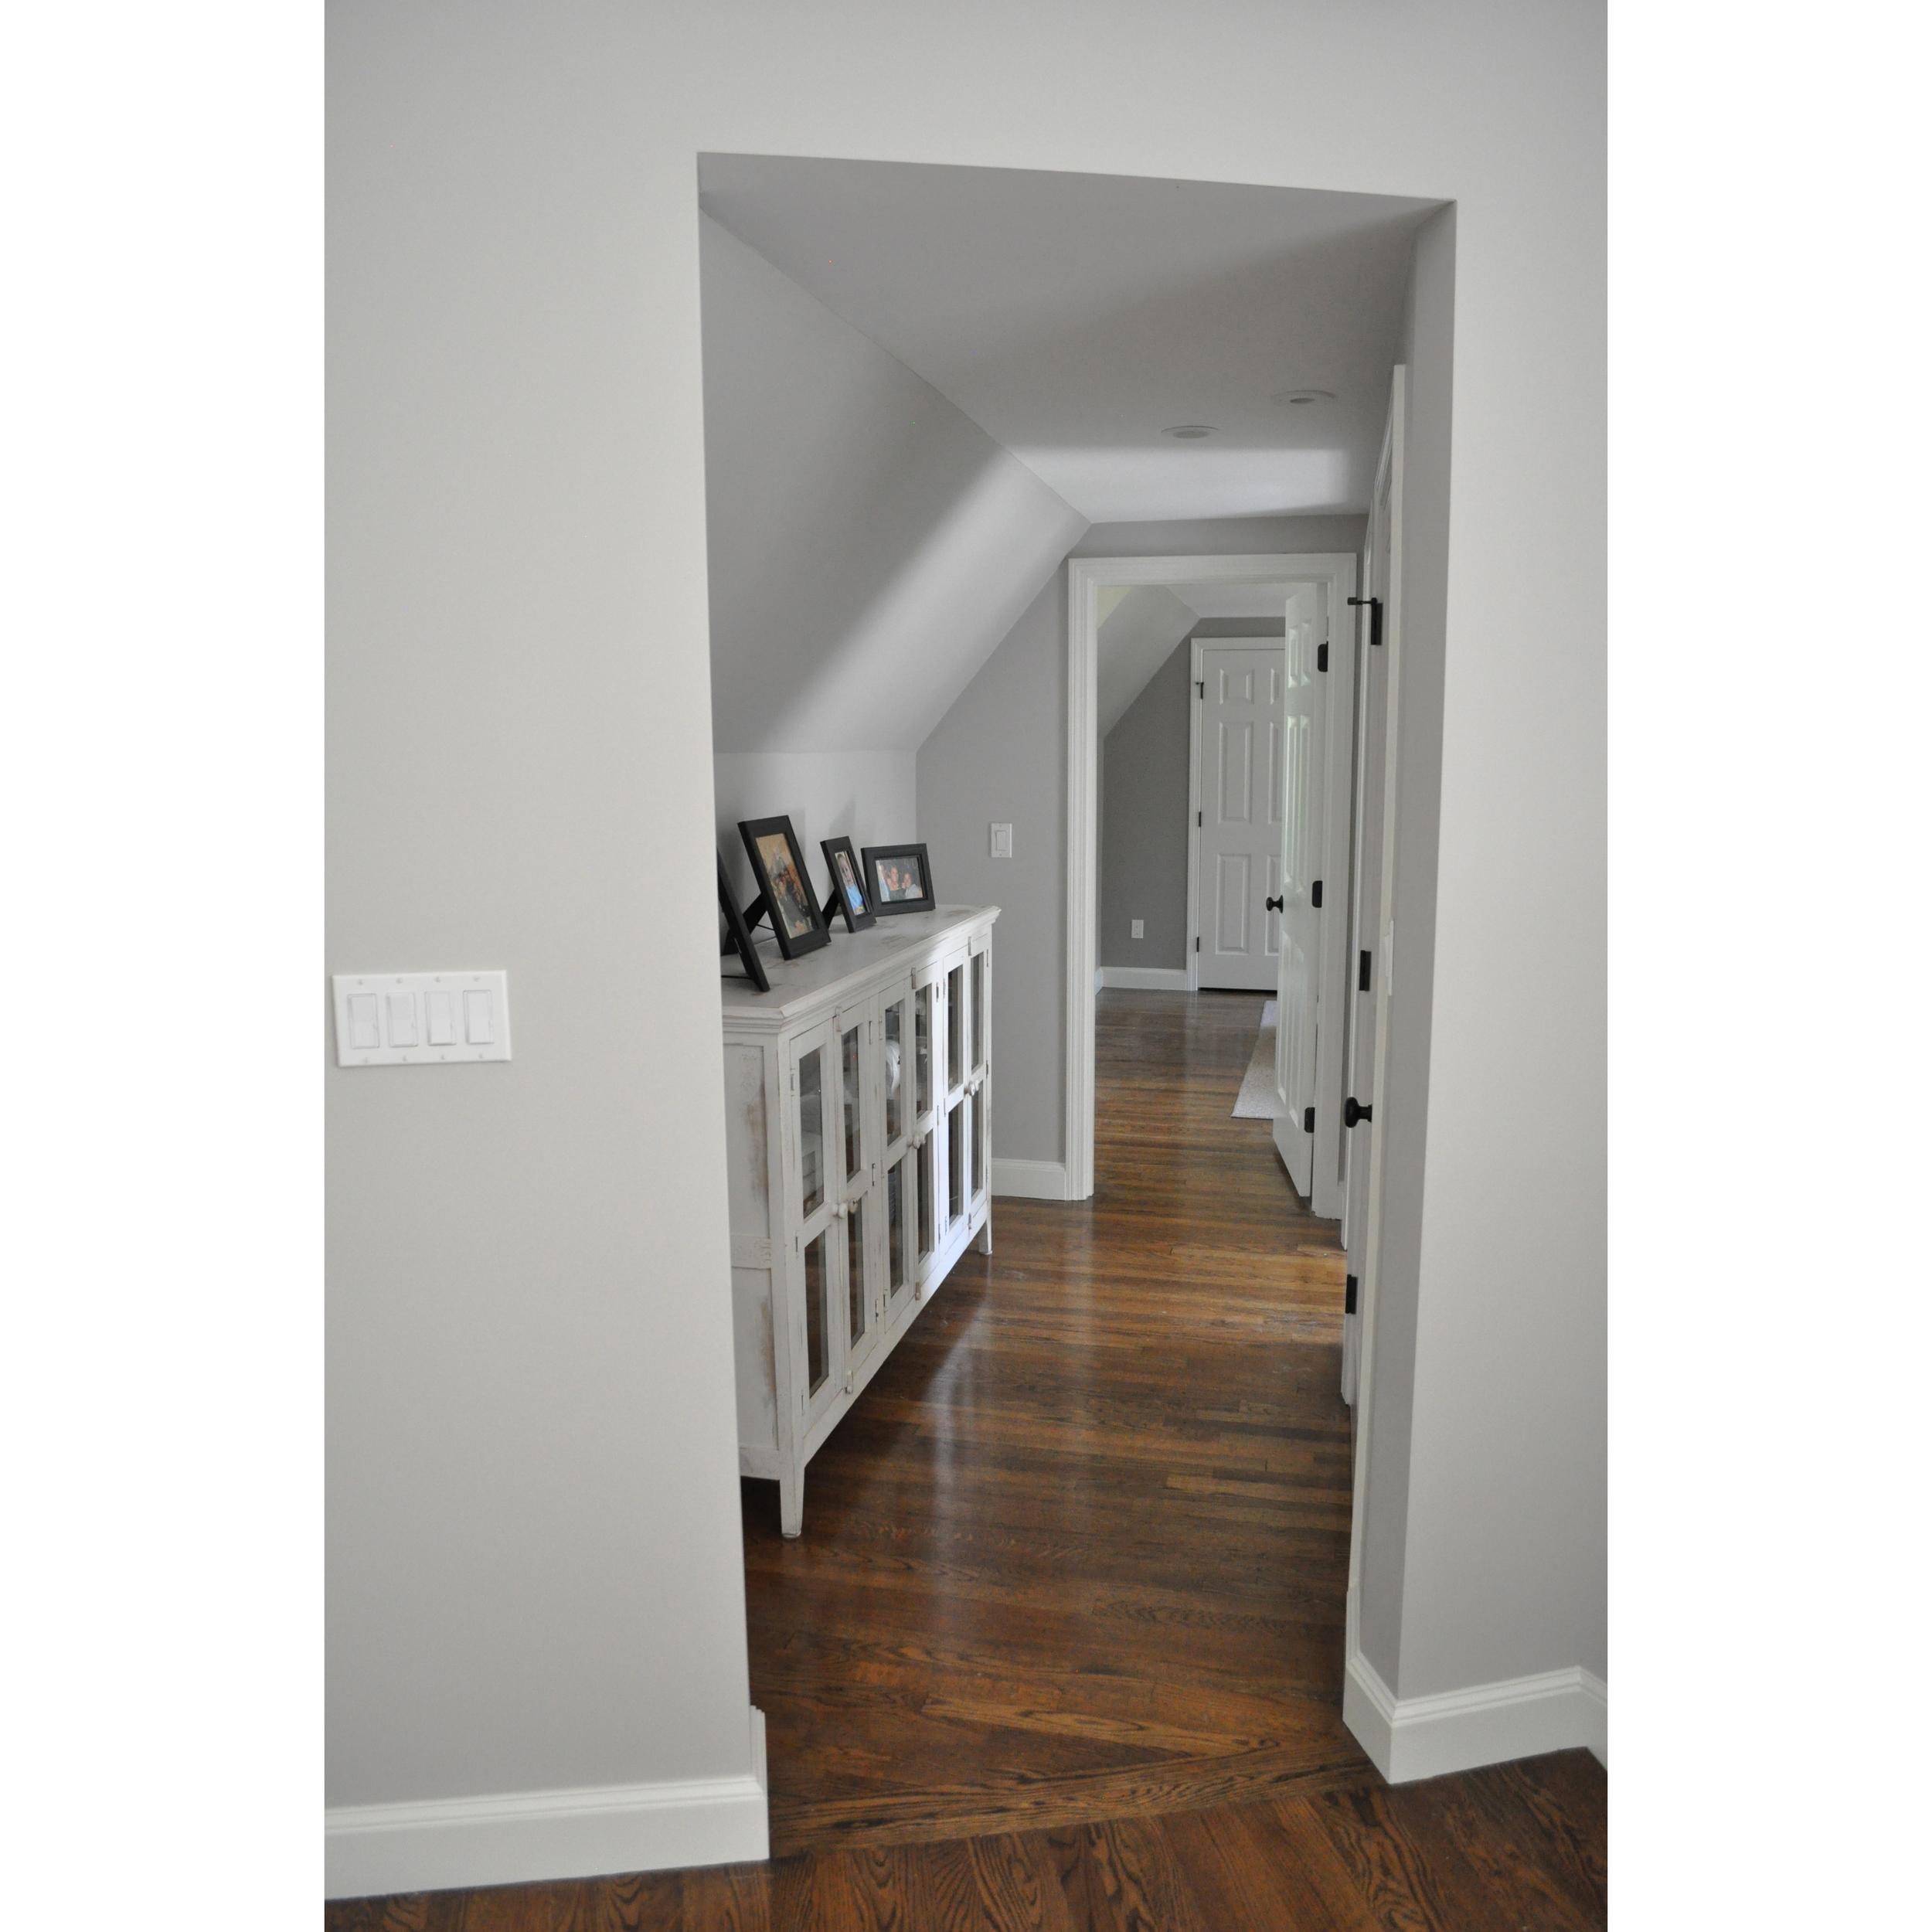 inside_10_stair_hallway 2.jpg